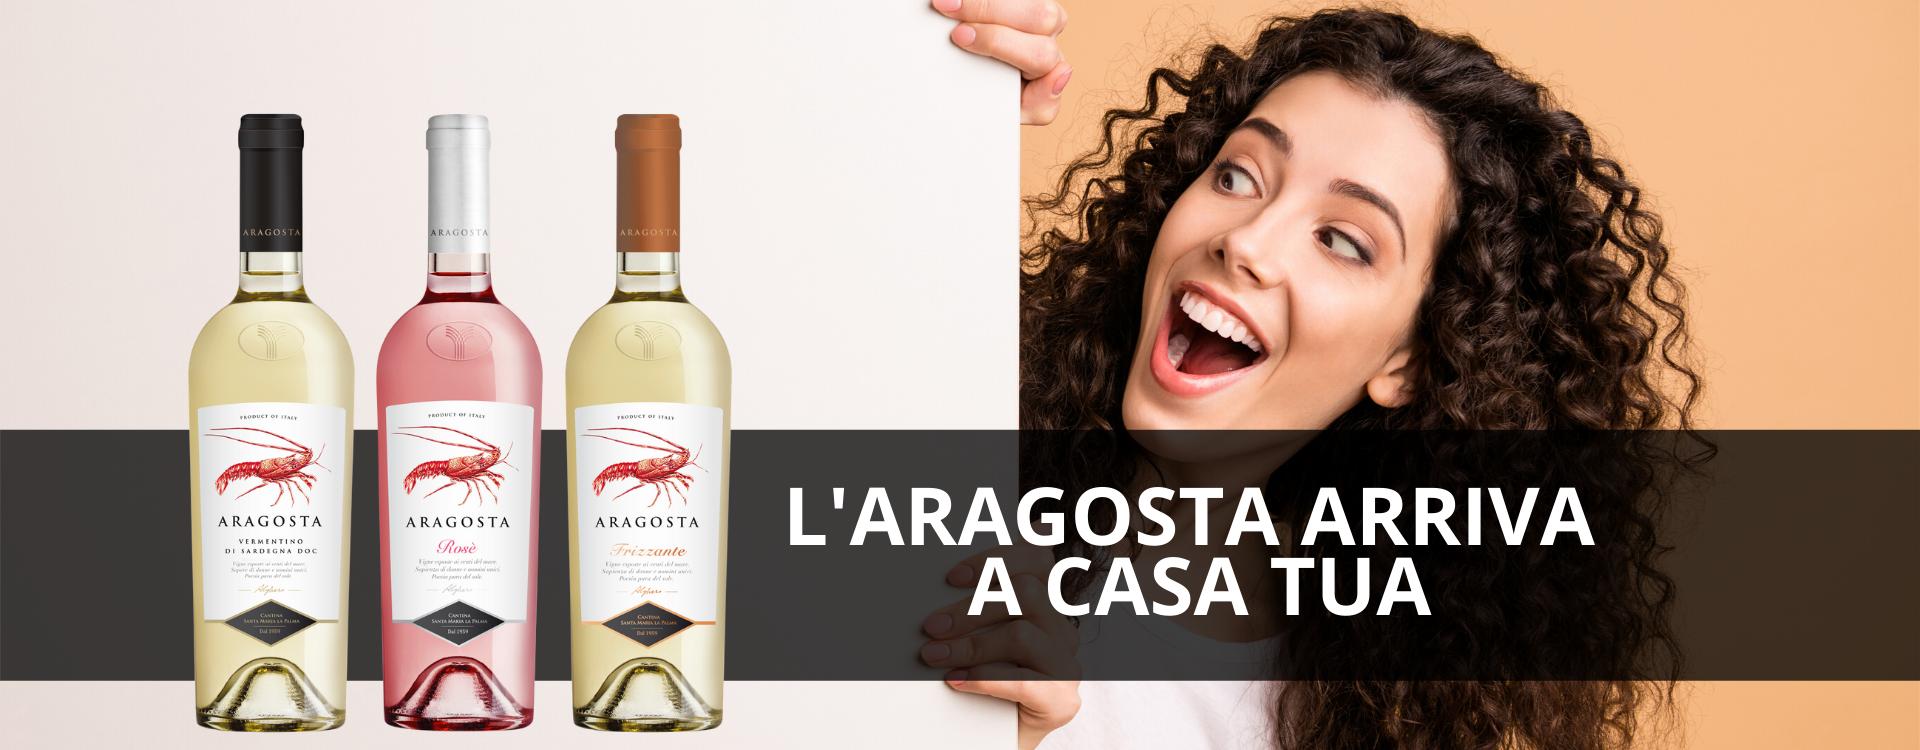 Grandi Classici - vini Sardegna